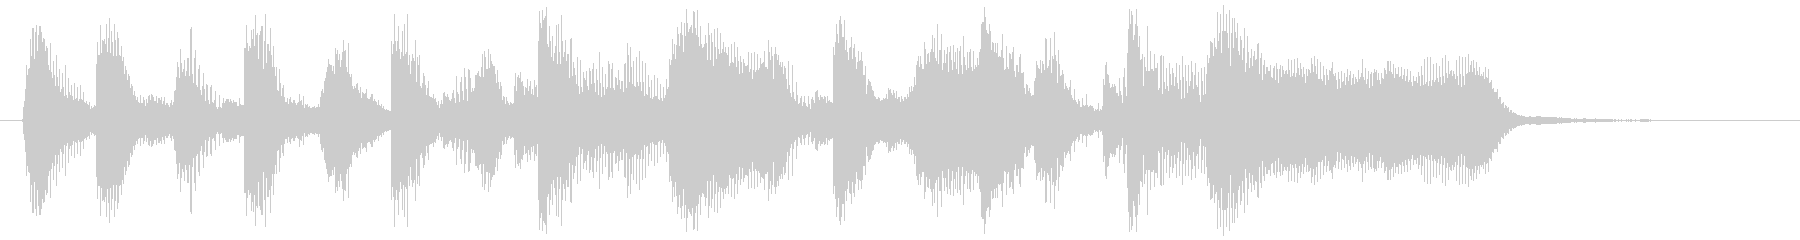 ブラス&サックスのハッピーサウンドロゴの未再生の波形